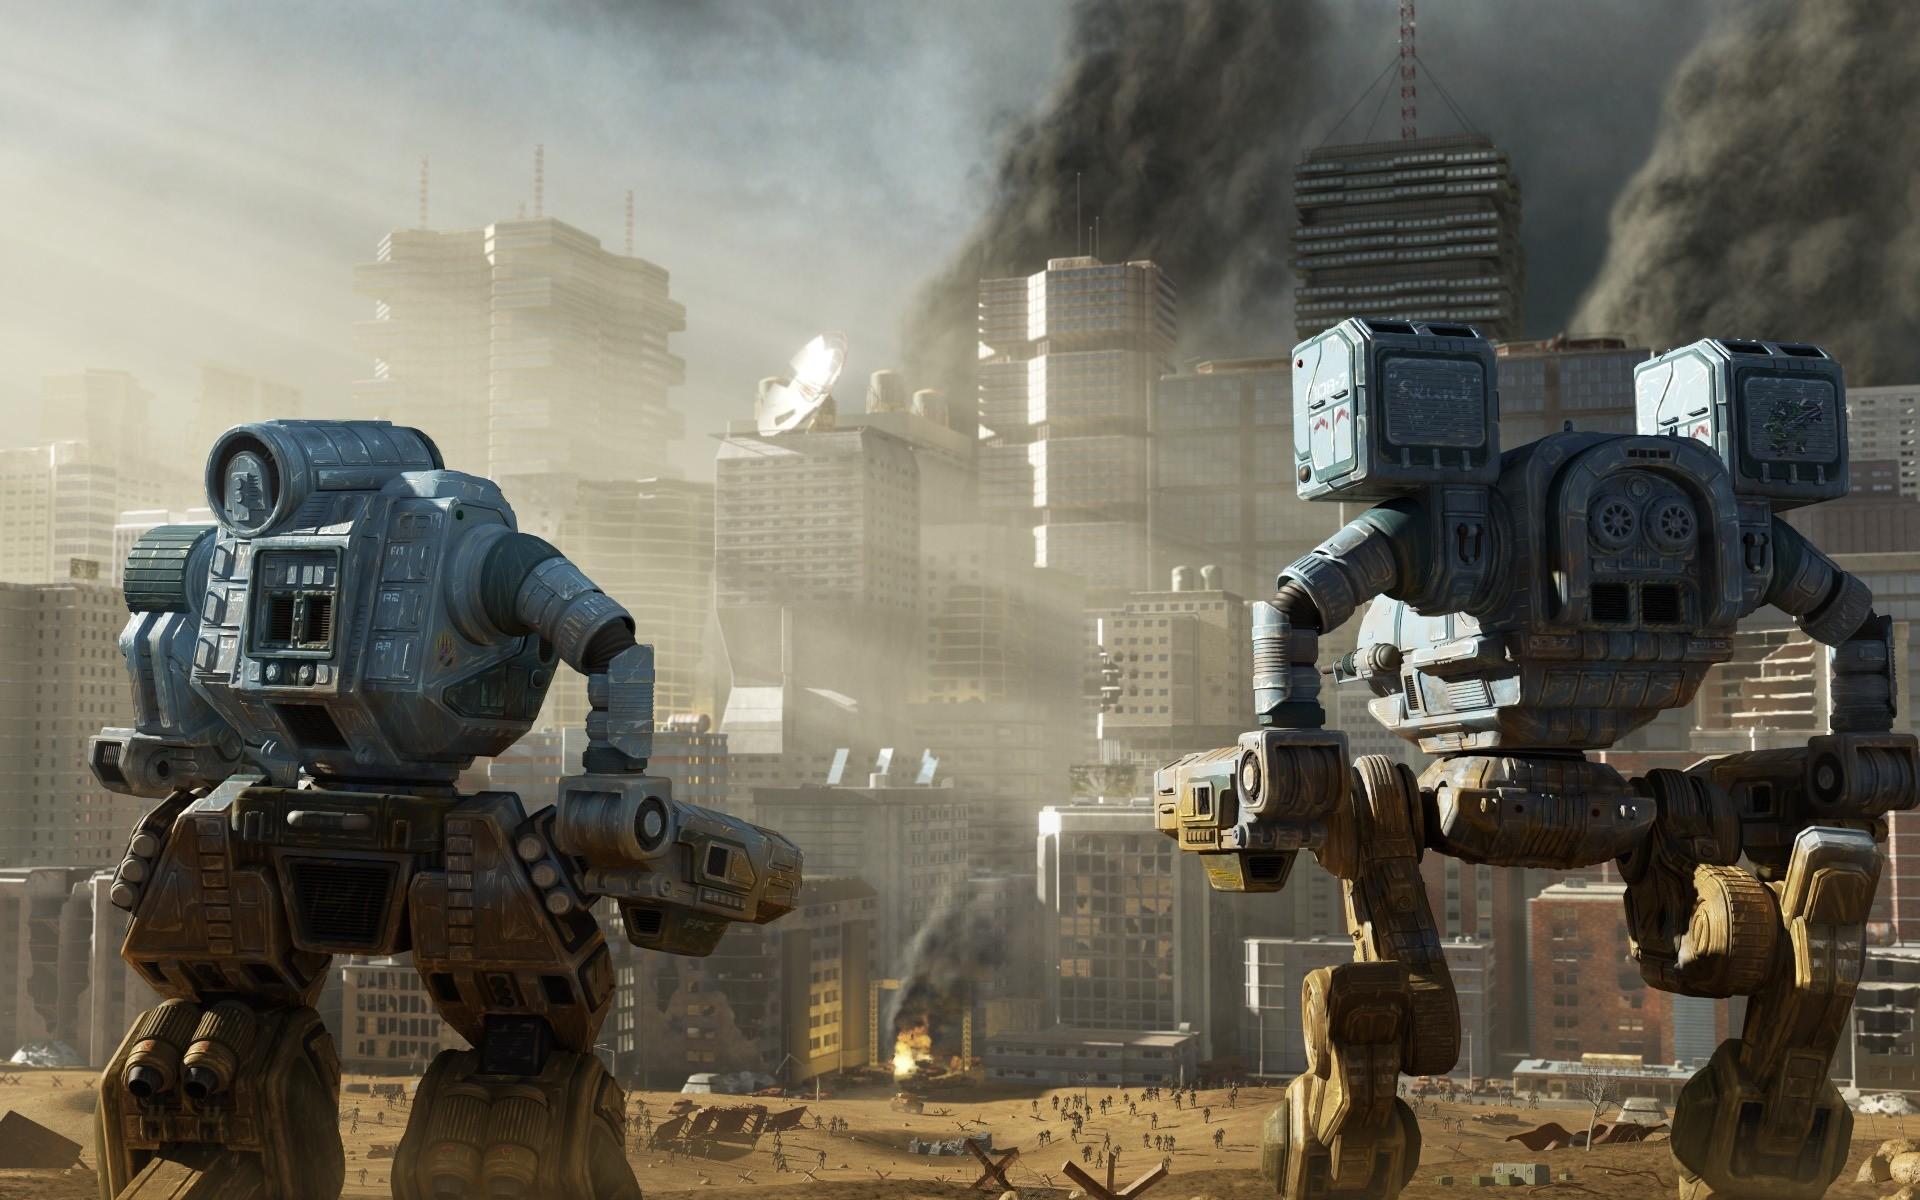 Video Games Wallpaper Video, Games, MechWarrior, BattleTech